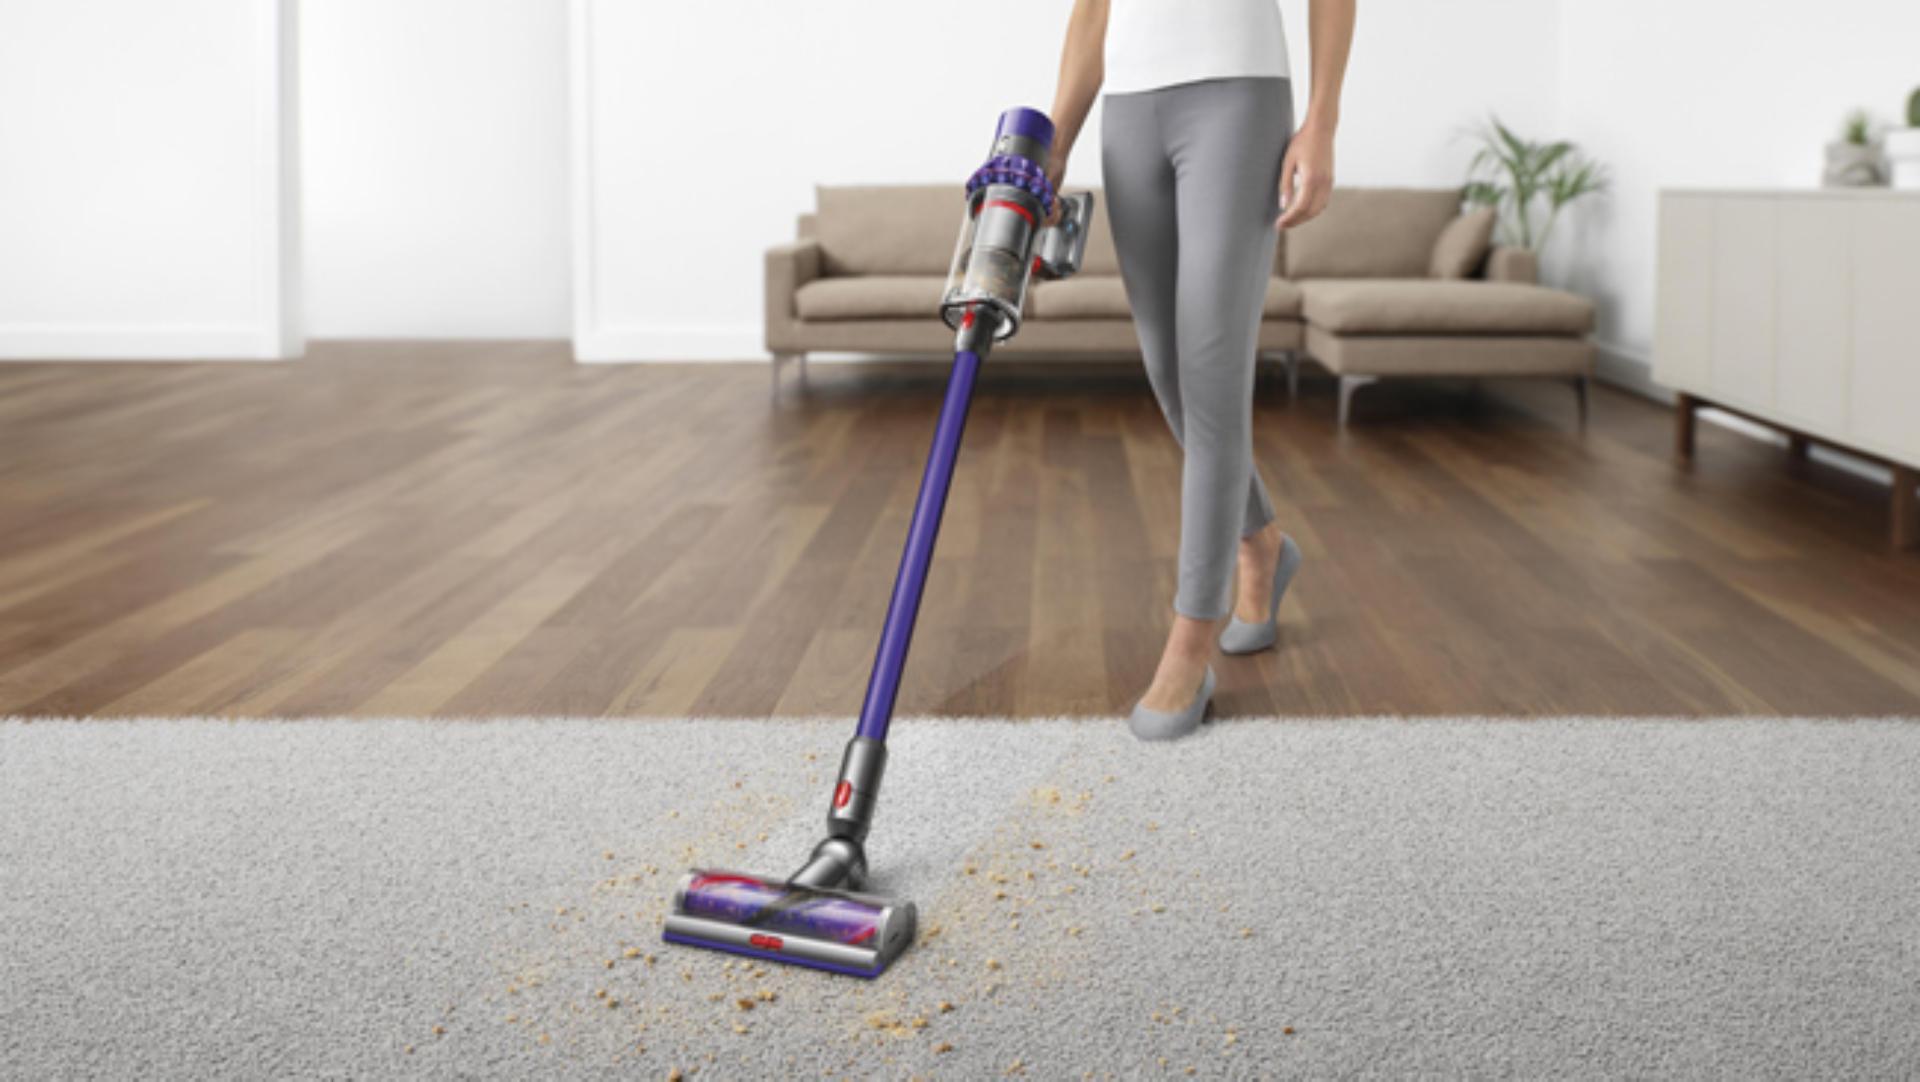 Dyson V10 vacuuming up dirt